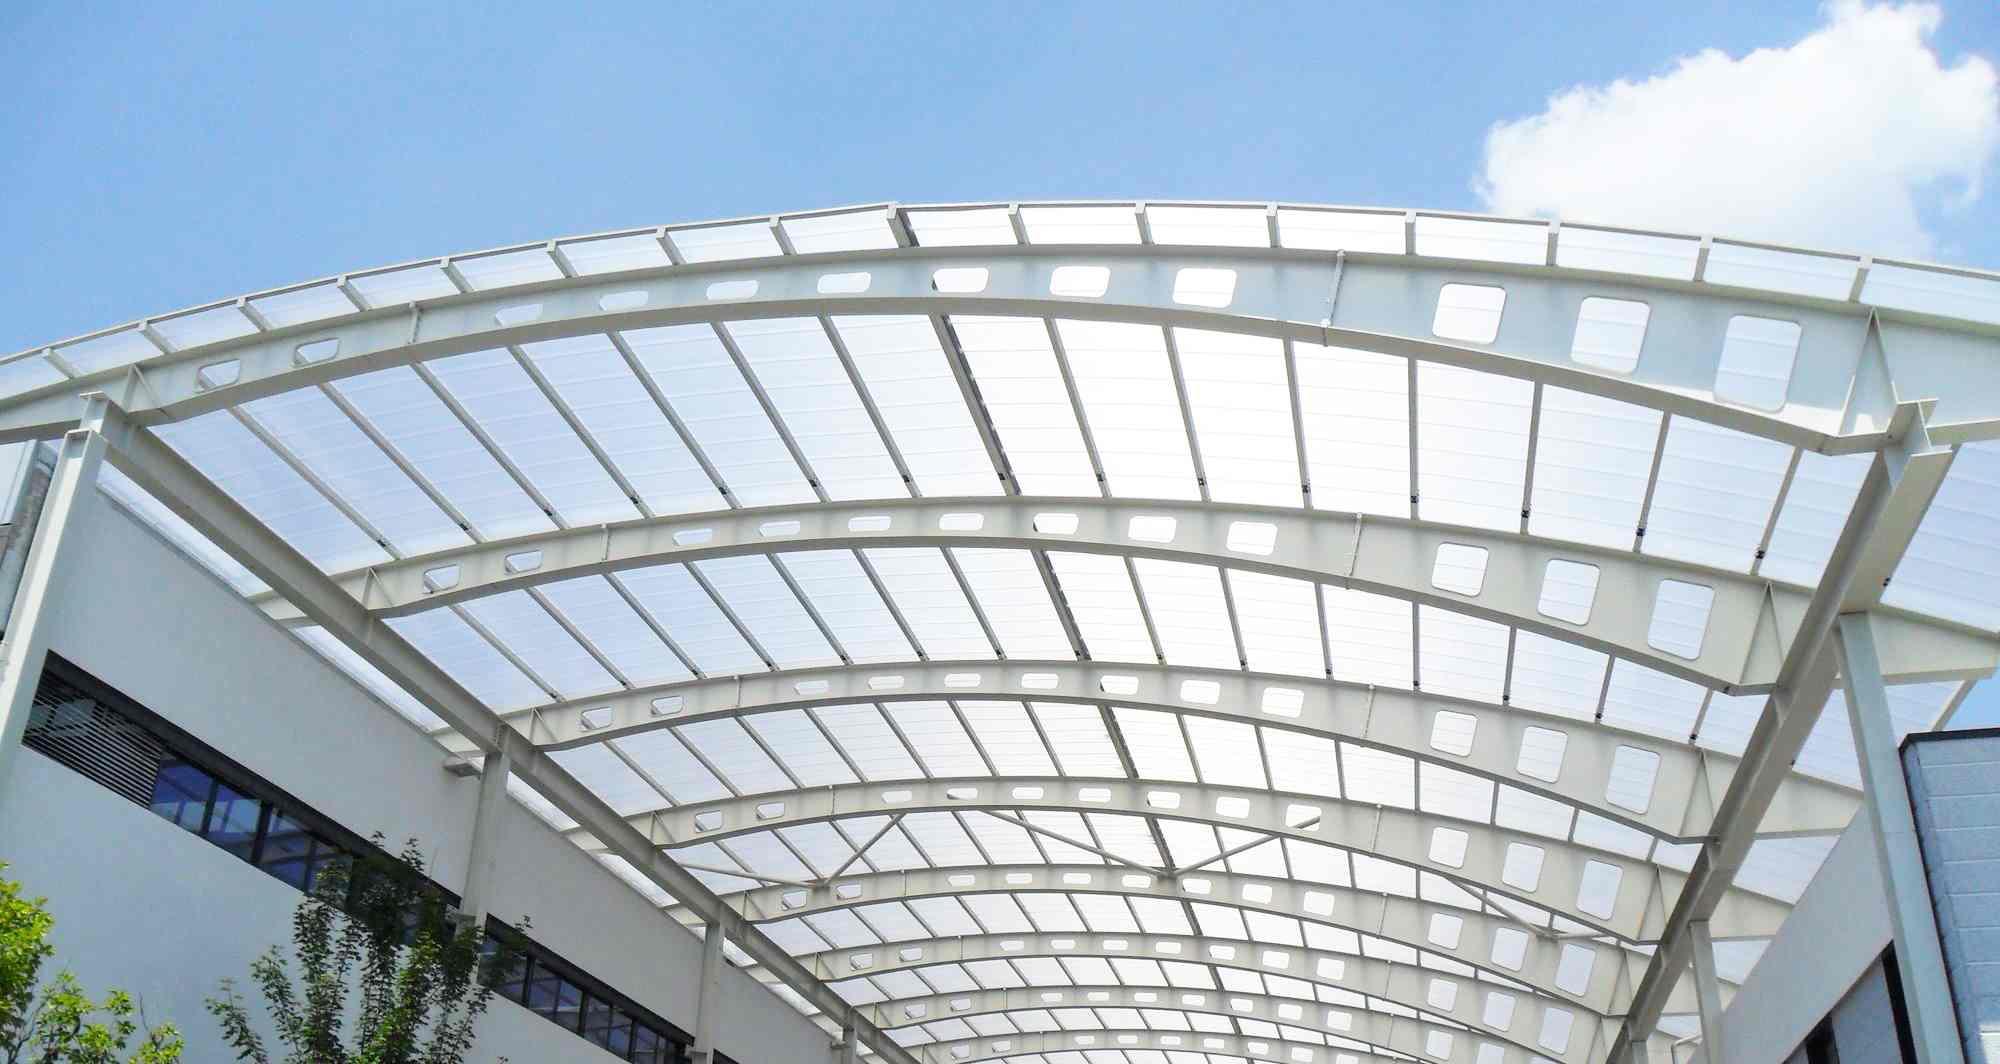 Tấm lợp Polycarbonate lấy sáng sử dụng làm mái che lối đi lộ thiên